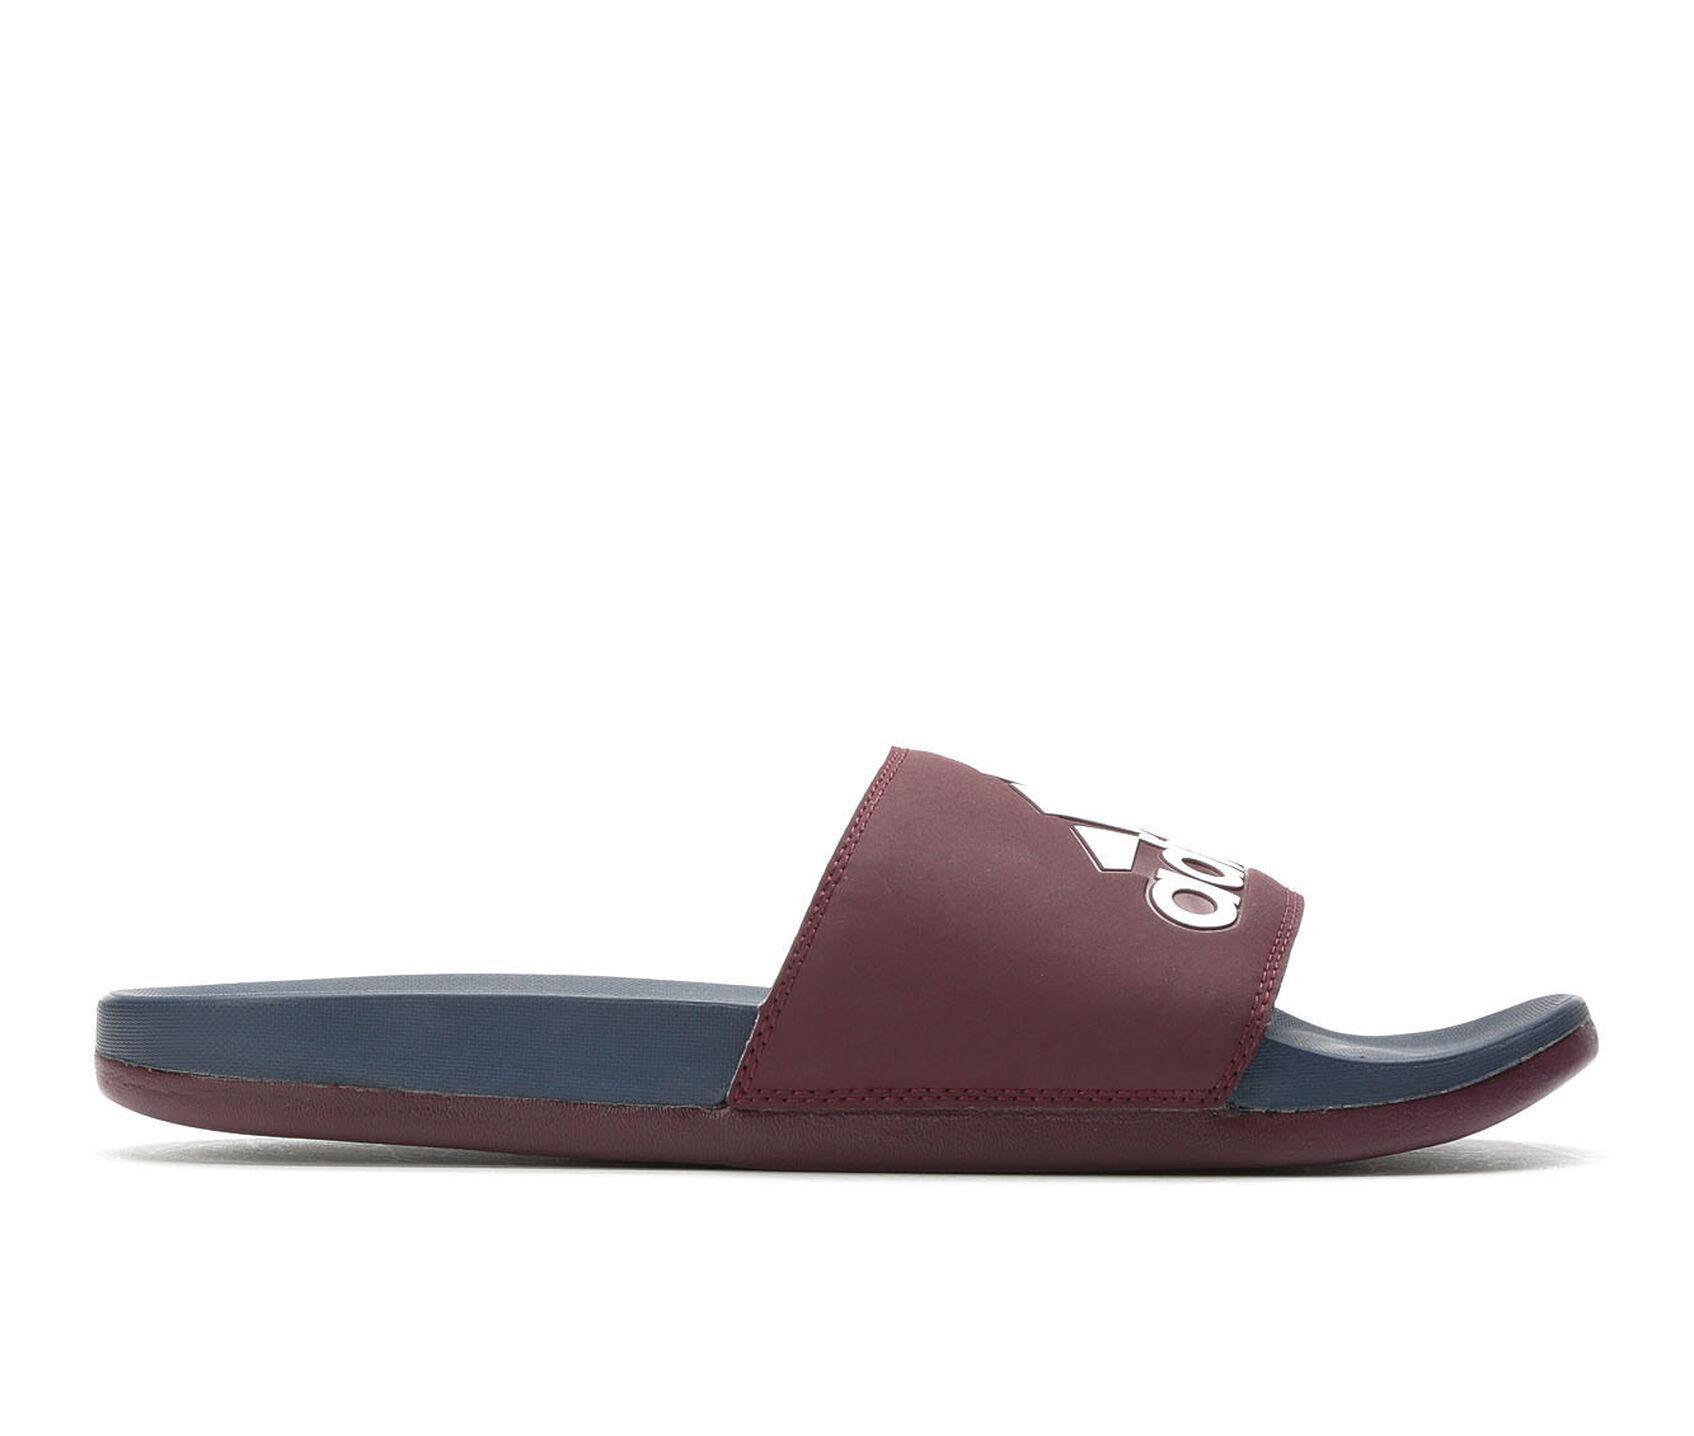 buy popular 192ec 7f8d4 Adilette Cloudfoam + Logo Slide Sport Slides. Previous Sandals Slides Blue  - Adidas Performance Adilette Cloudfoam Plus .